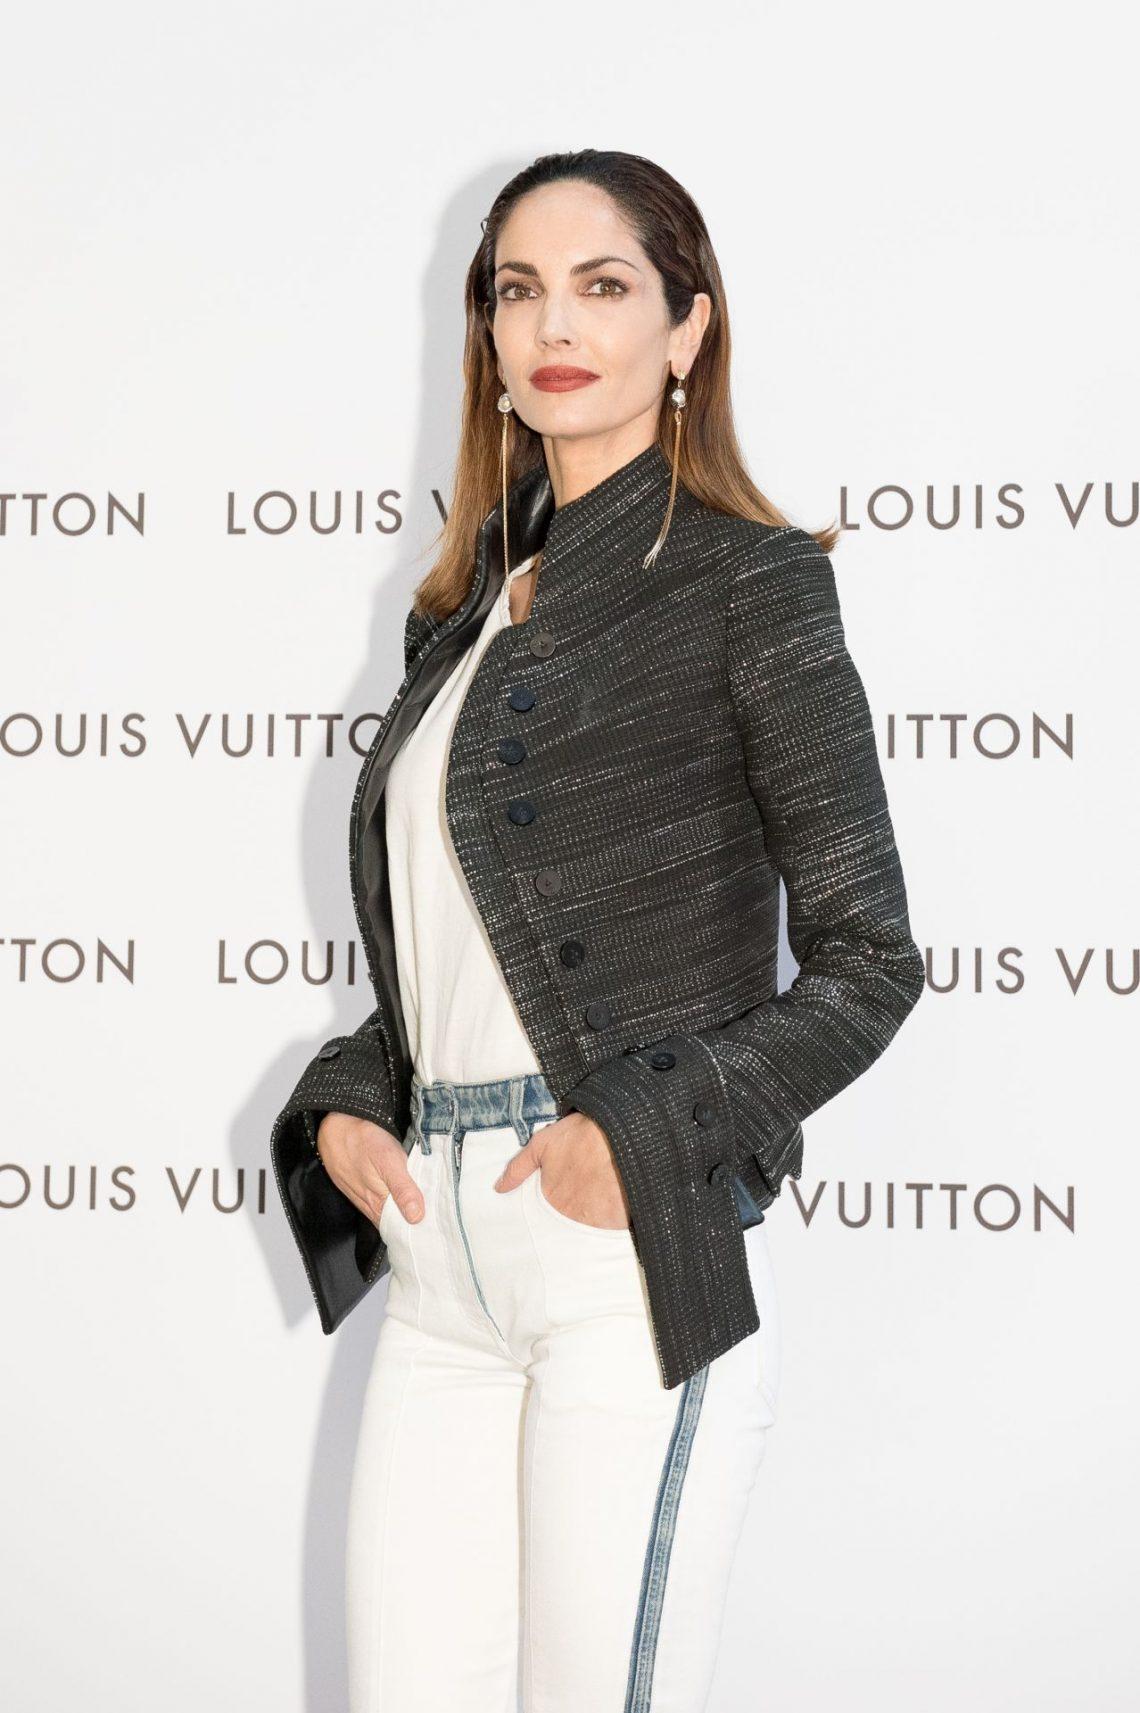 Madrid se viste de gala para recibir la exposición de Louis Vuitton en el Museo Thyssen